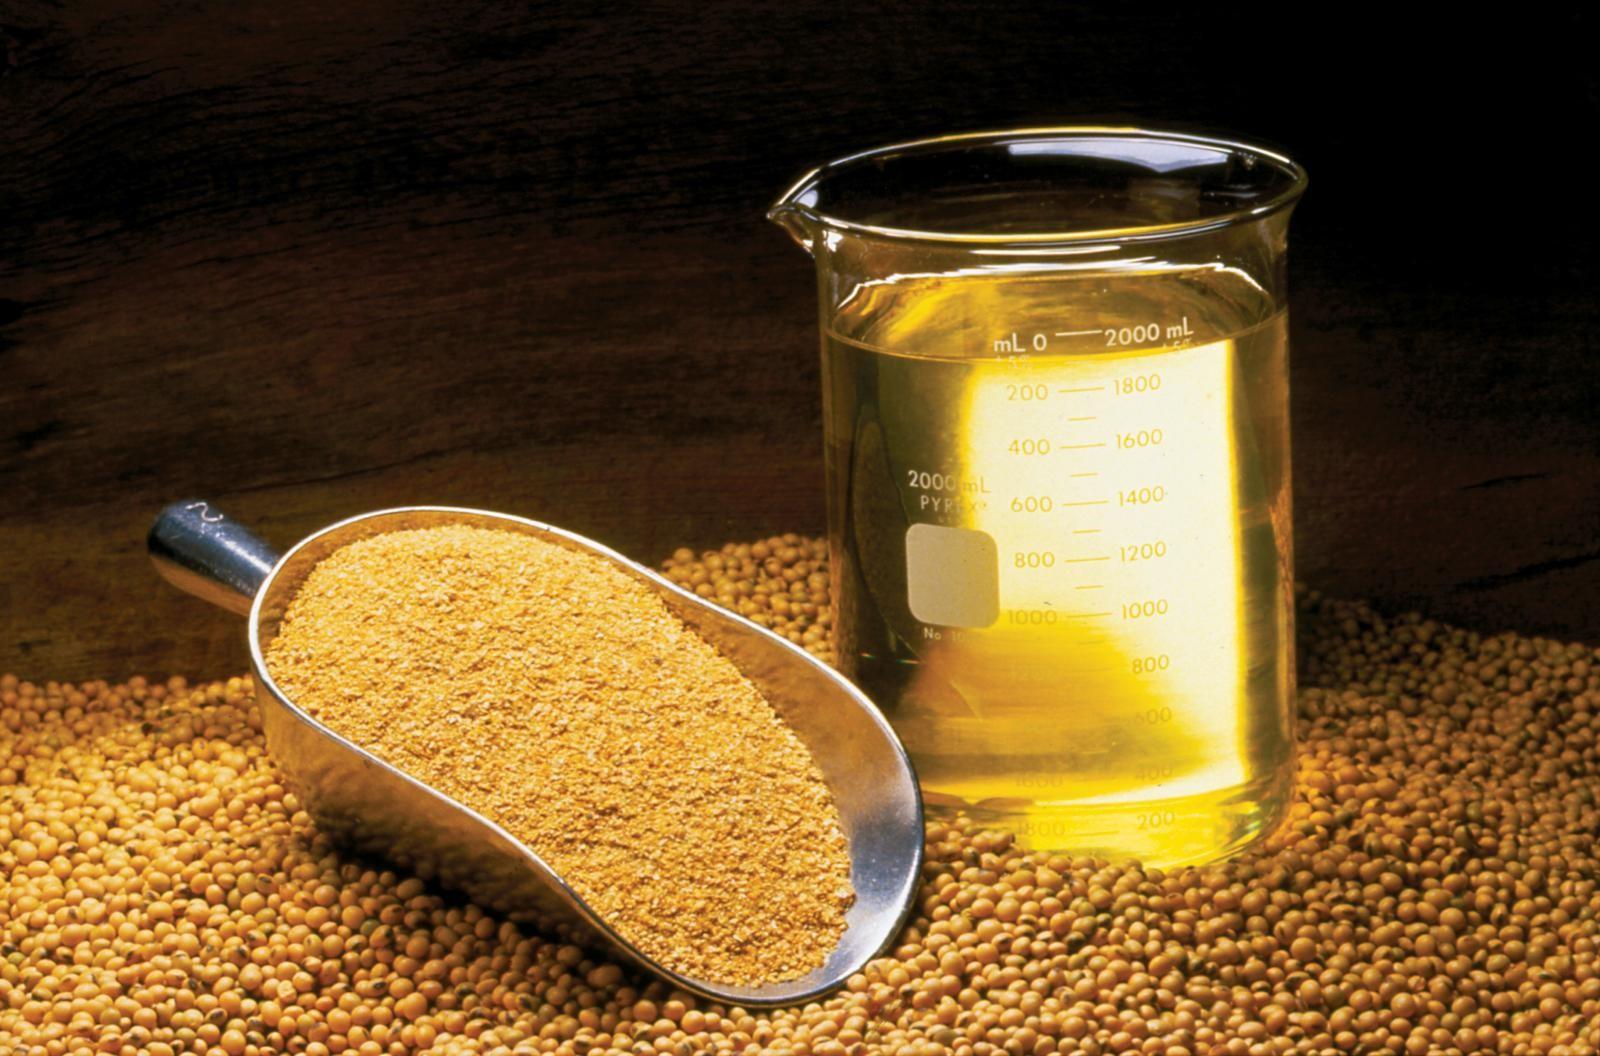 bột đậu nành lên men, lên men bột đậu nành, bột đậu nành trong thủy sản, thức ăn cho tôm, nguyên liệu thức ăn tôm